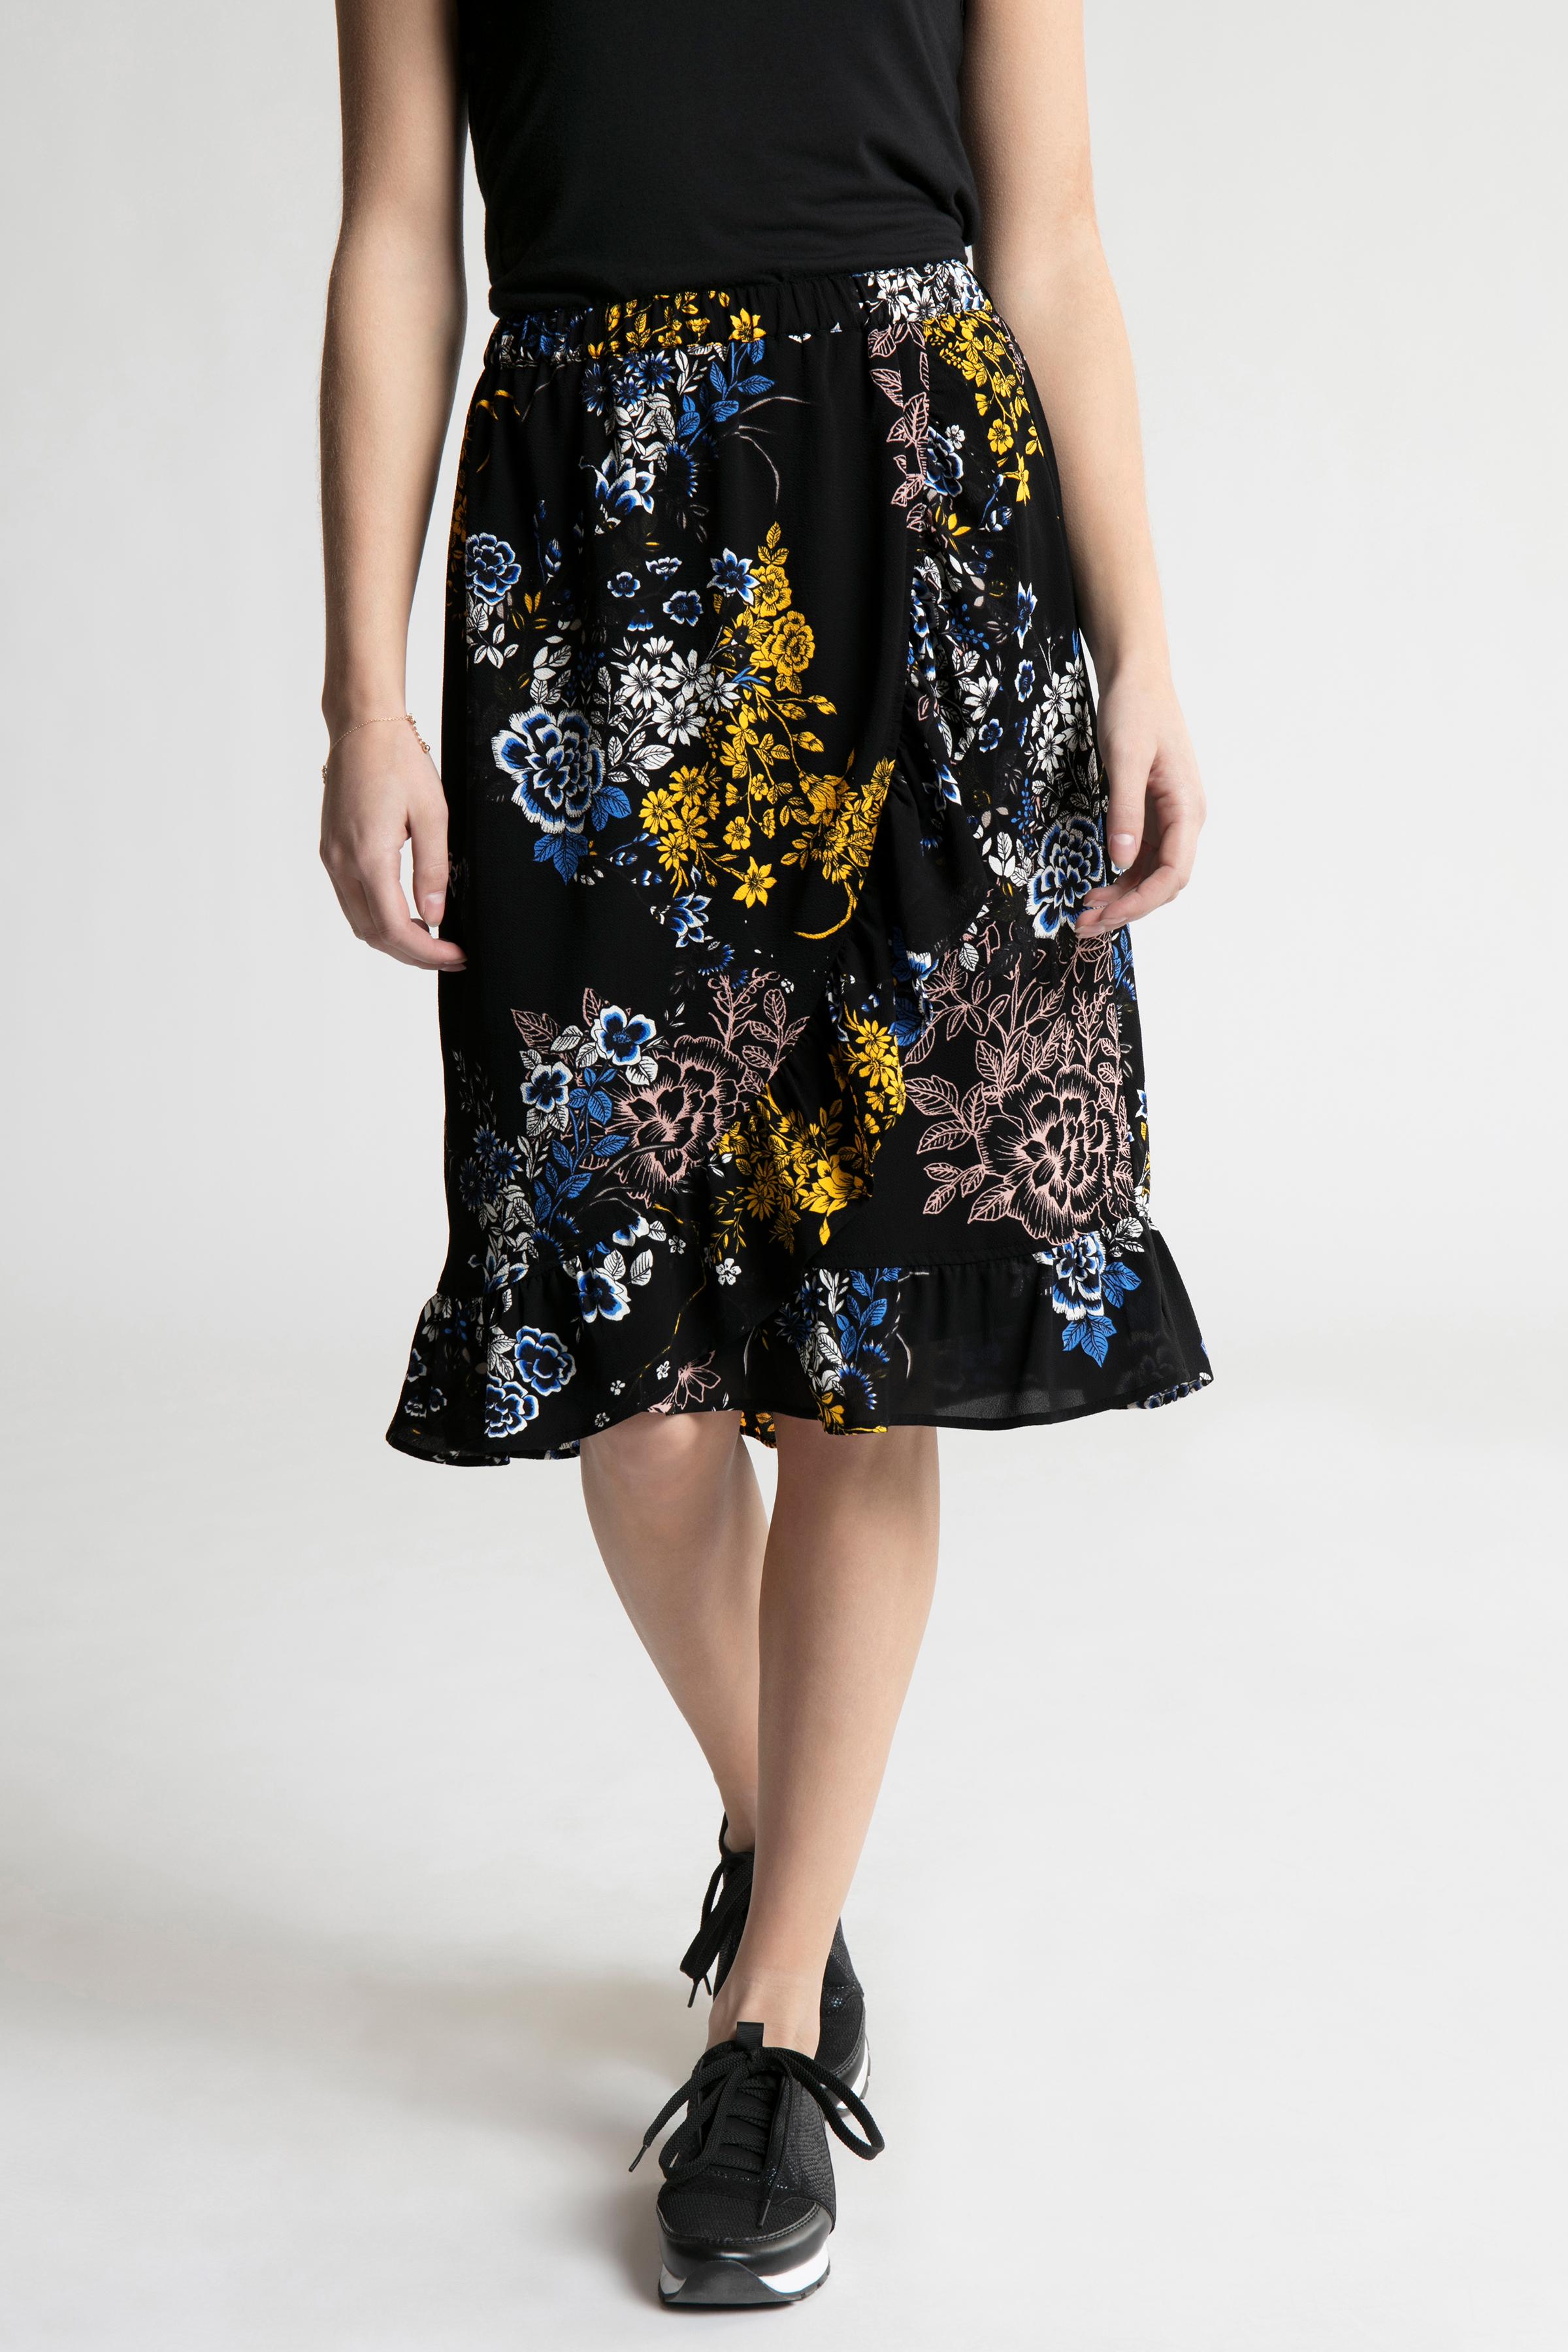 Sort/koboltblå Nederdel fra Fransa – Køb Sort/koboltblå Nederdel fra str. XS-XXL her